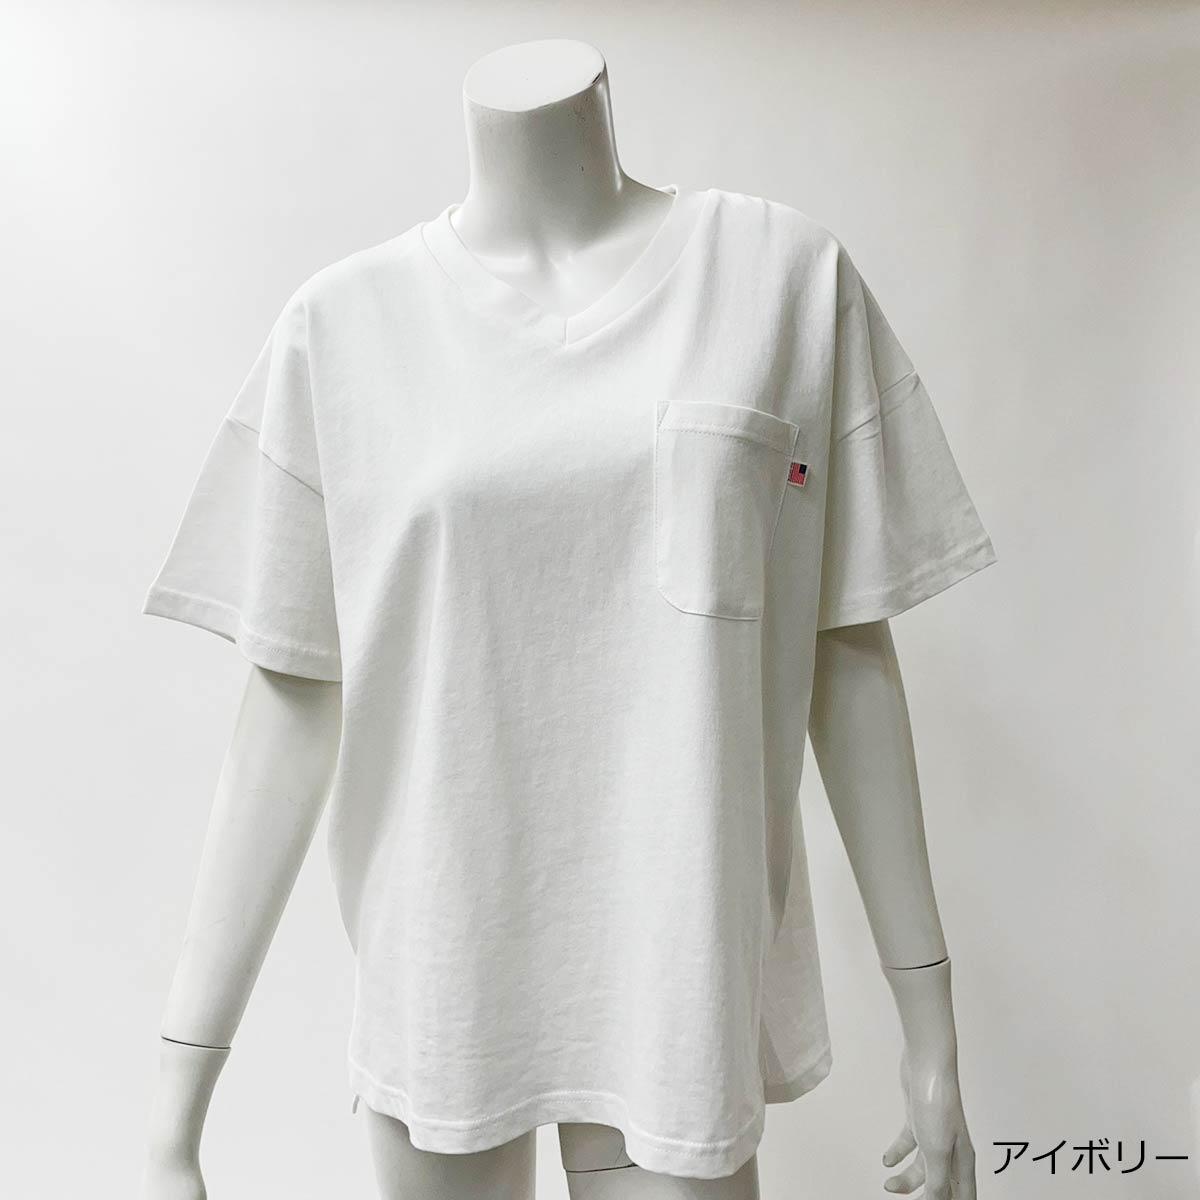 【3/29再入荷】【ネコポス送料無料】USAコットンVネックTシャツ